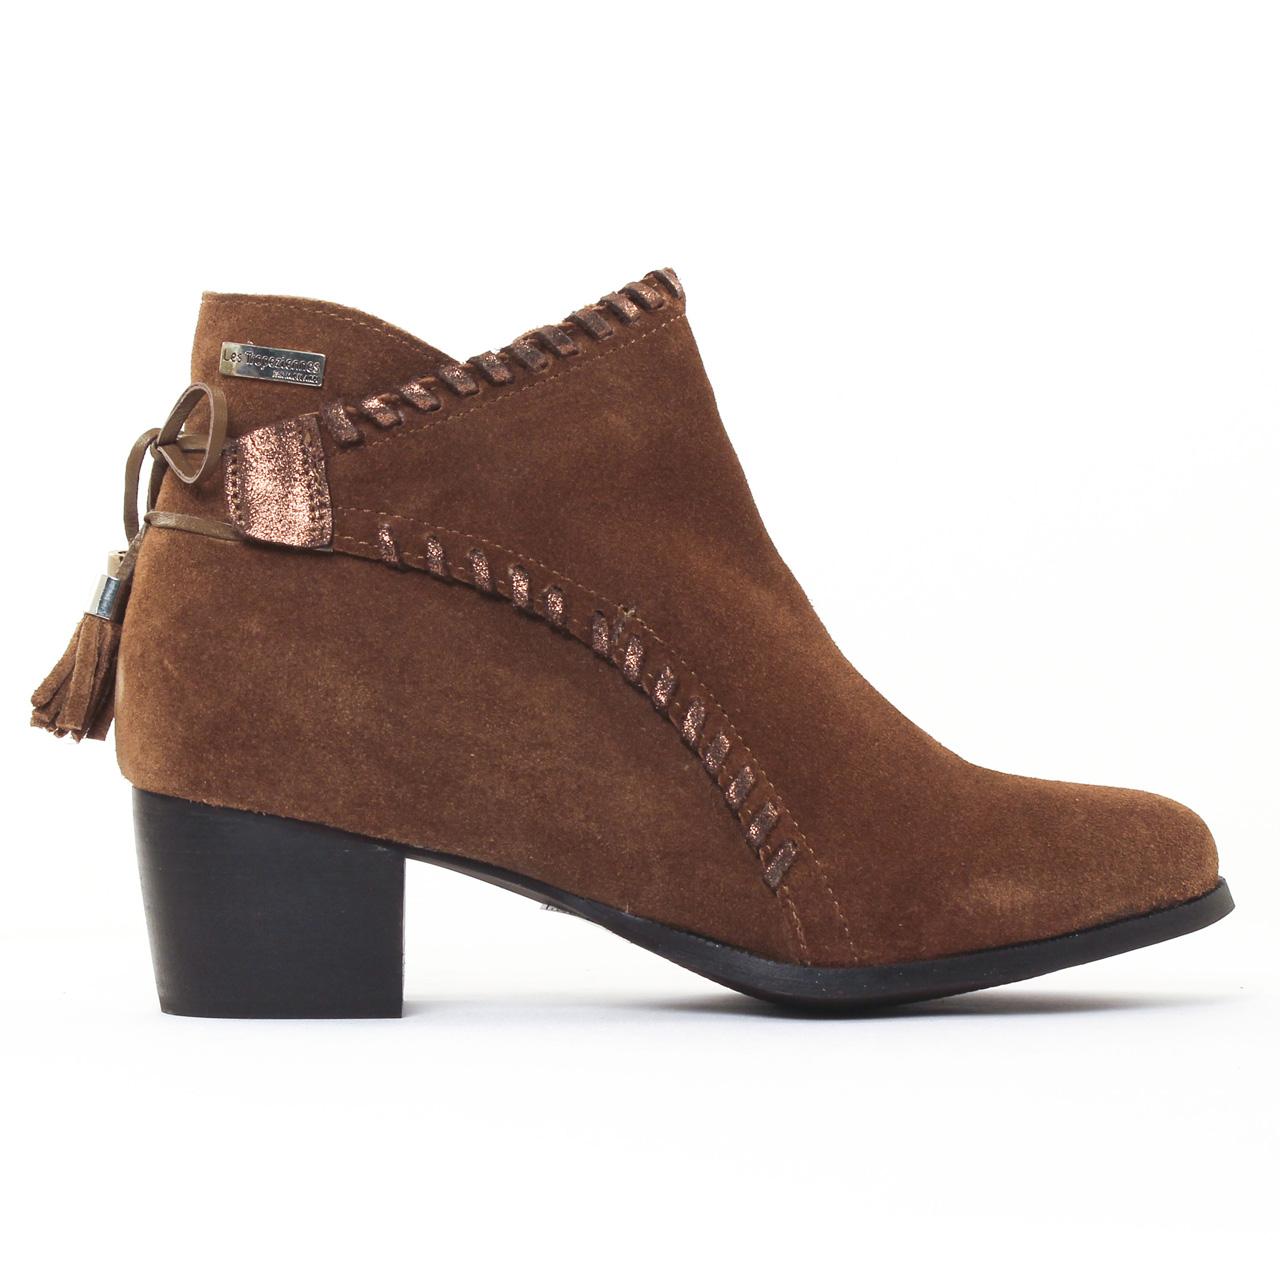 les tropeziennes madrid marron boot talon marron automne hiver chez trois par 3. Black Bedroom Furniture Sets. Home Design Ideas